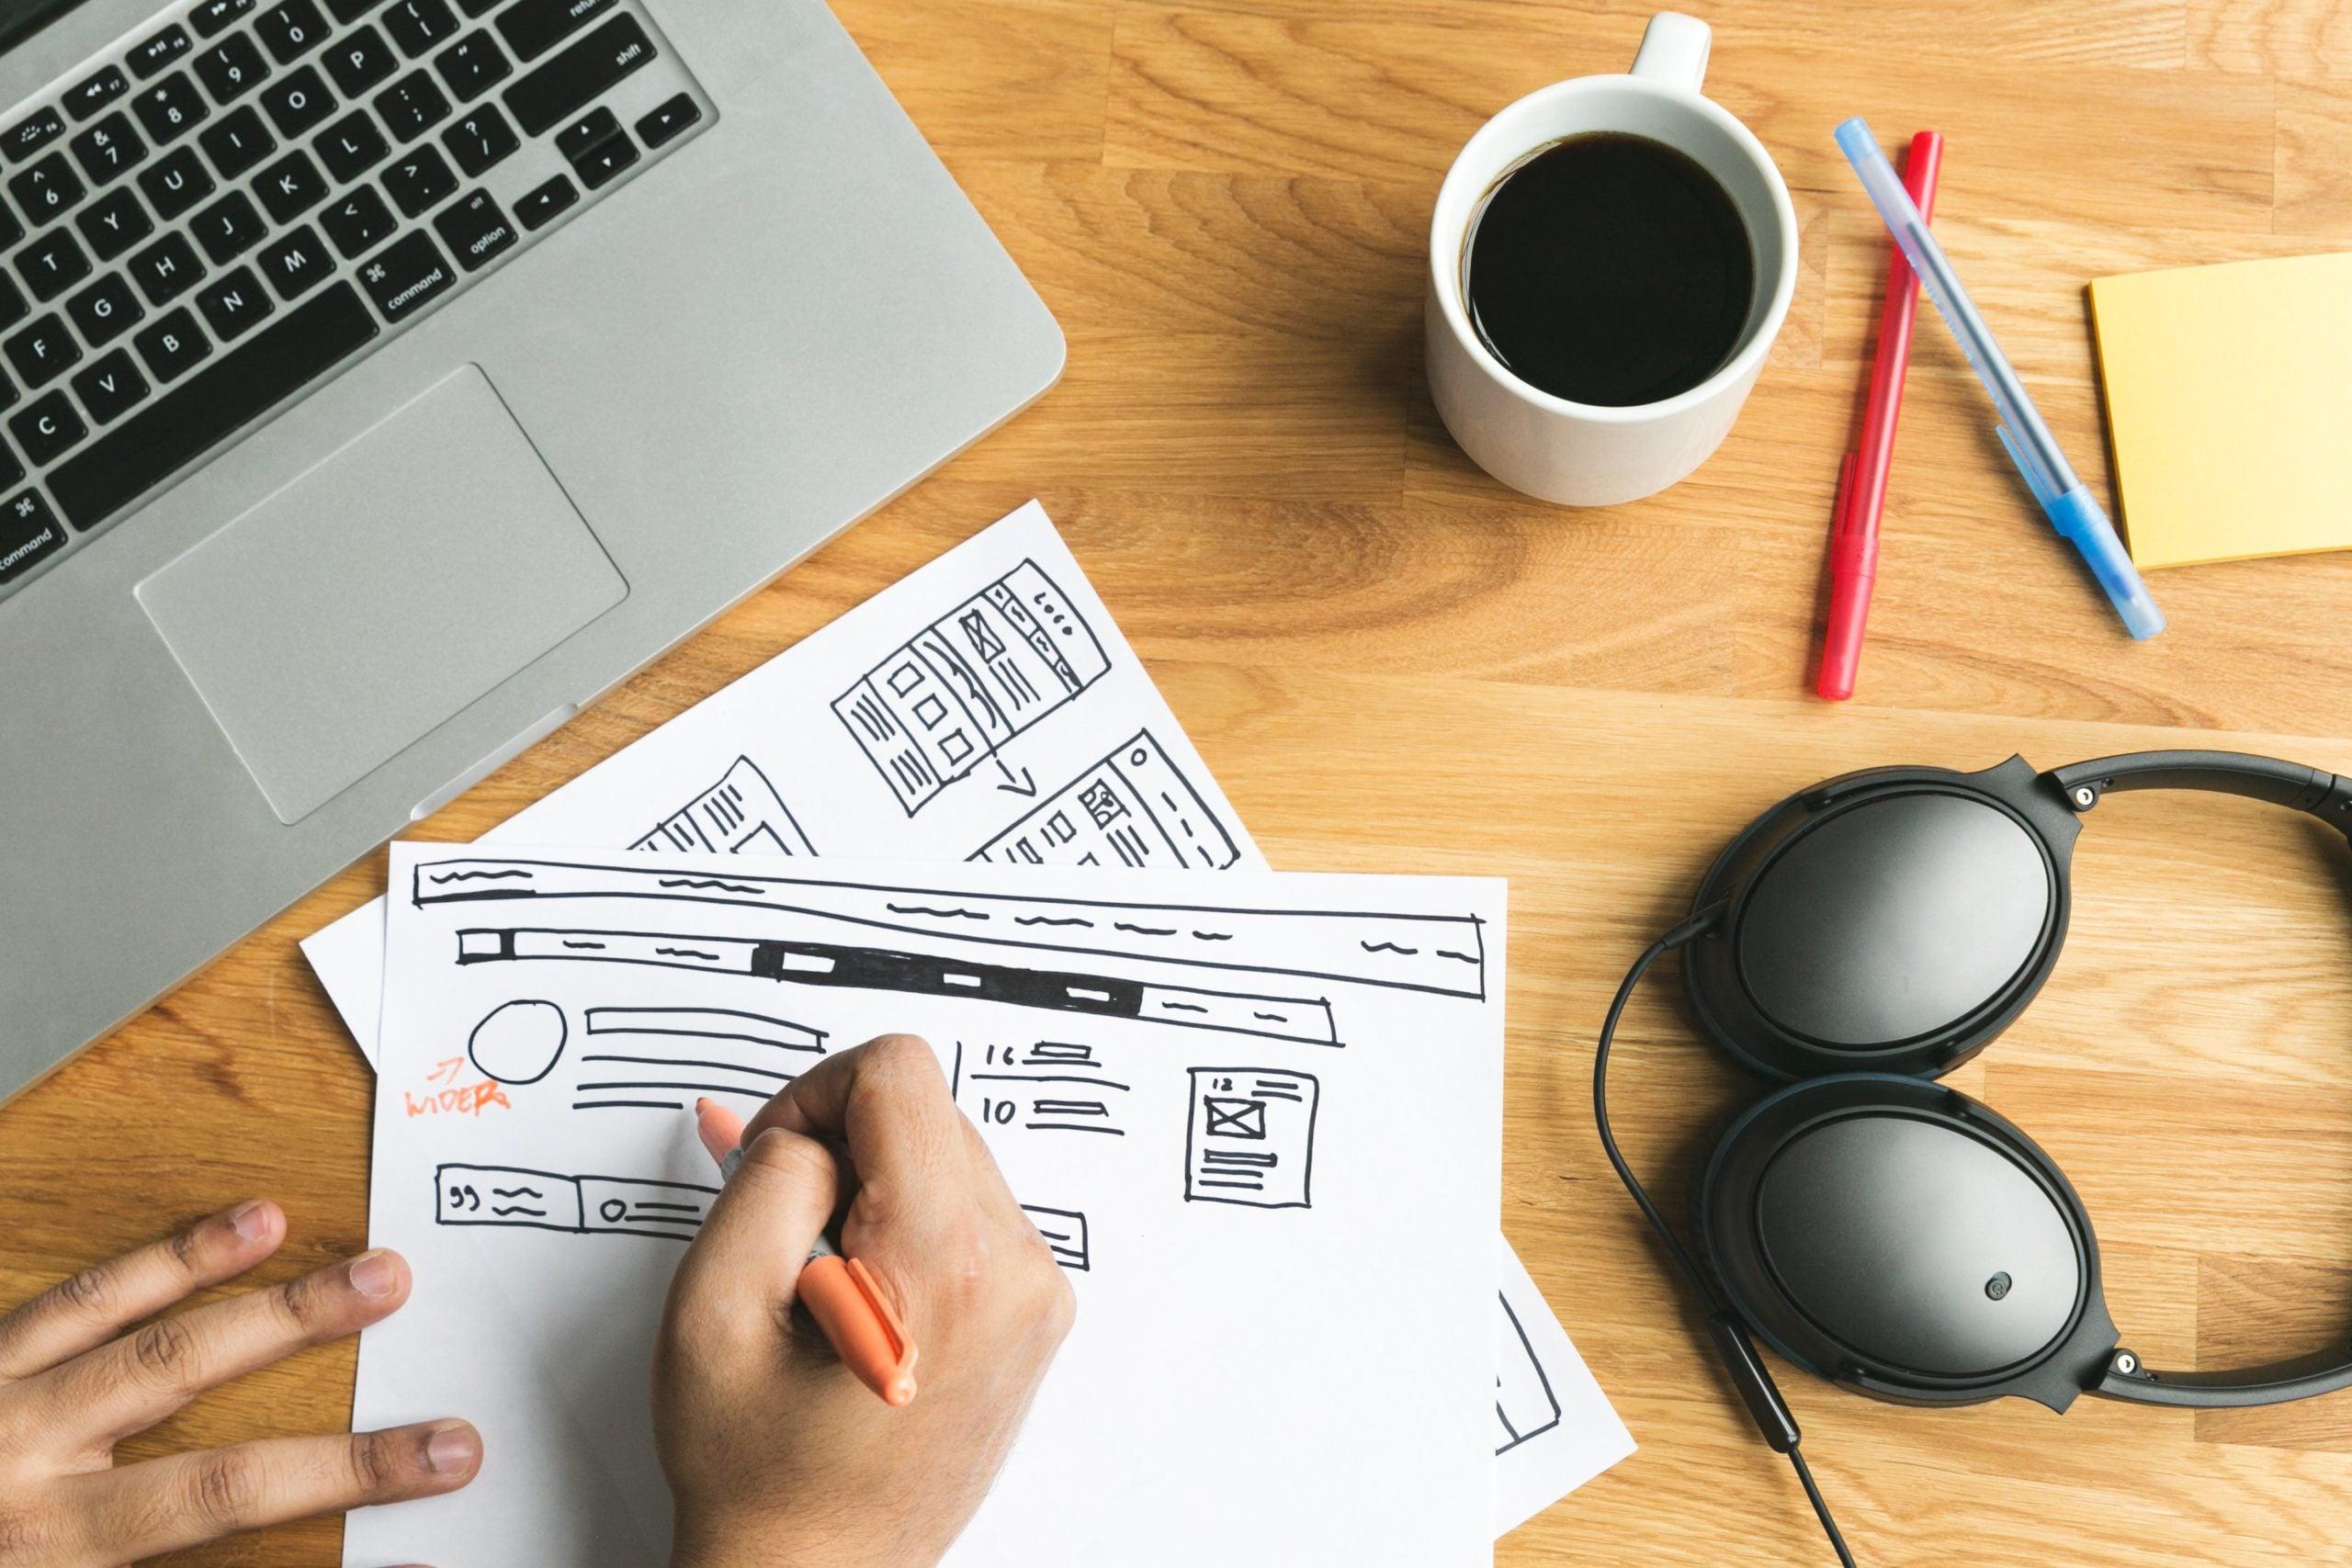 Internett og webdesign